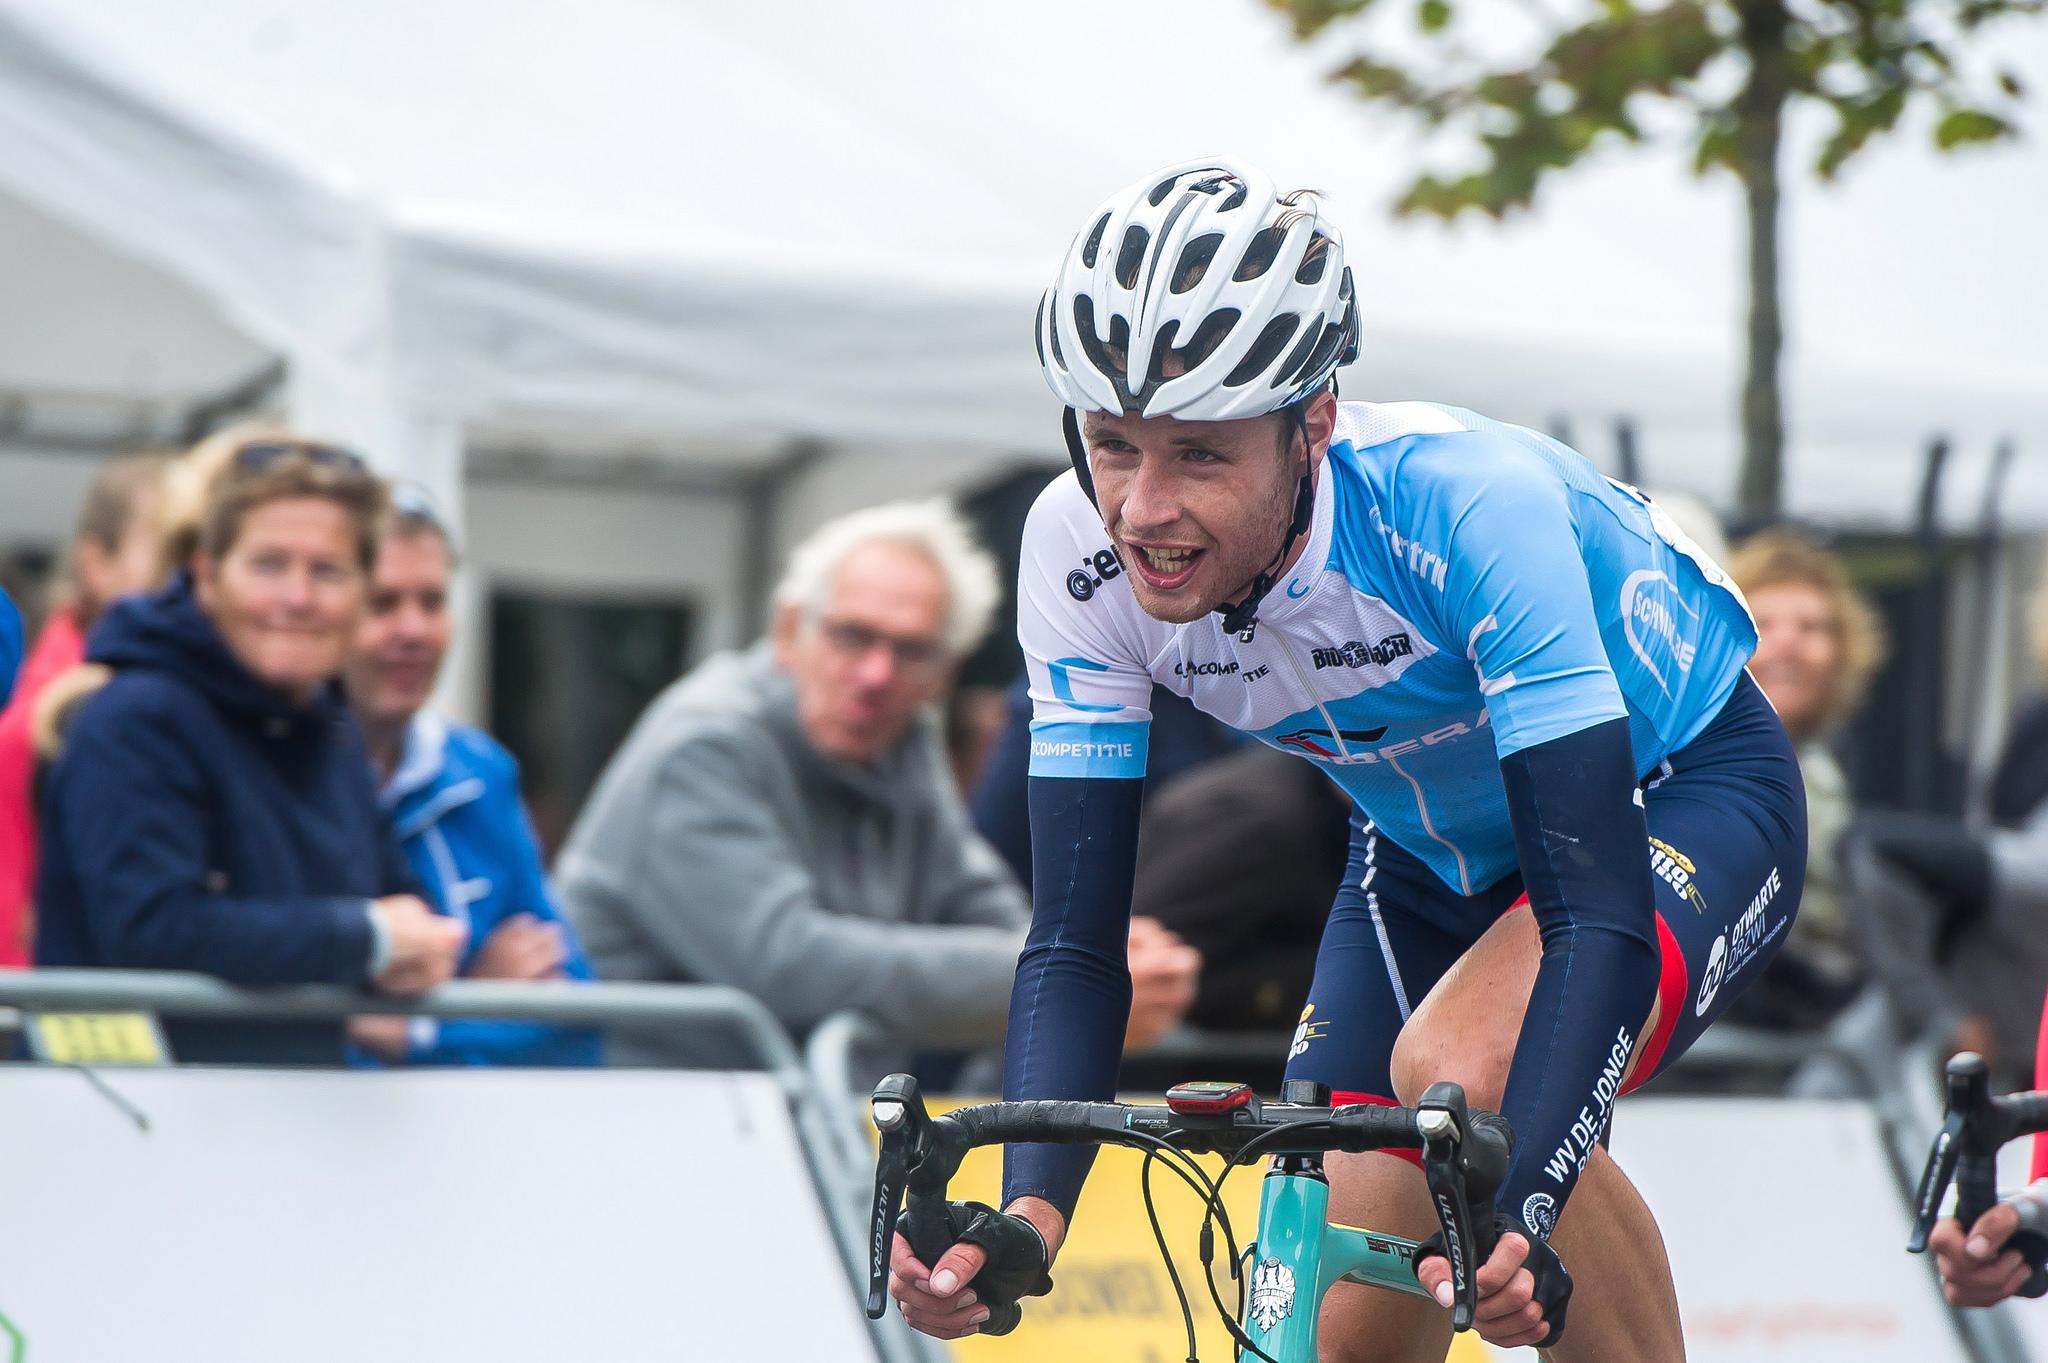 Finaleweekend Clubcompetitie Ureterp 2017 Jaap Kooijman